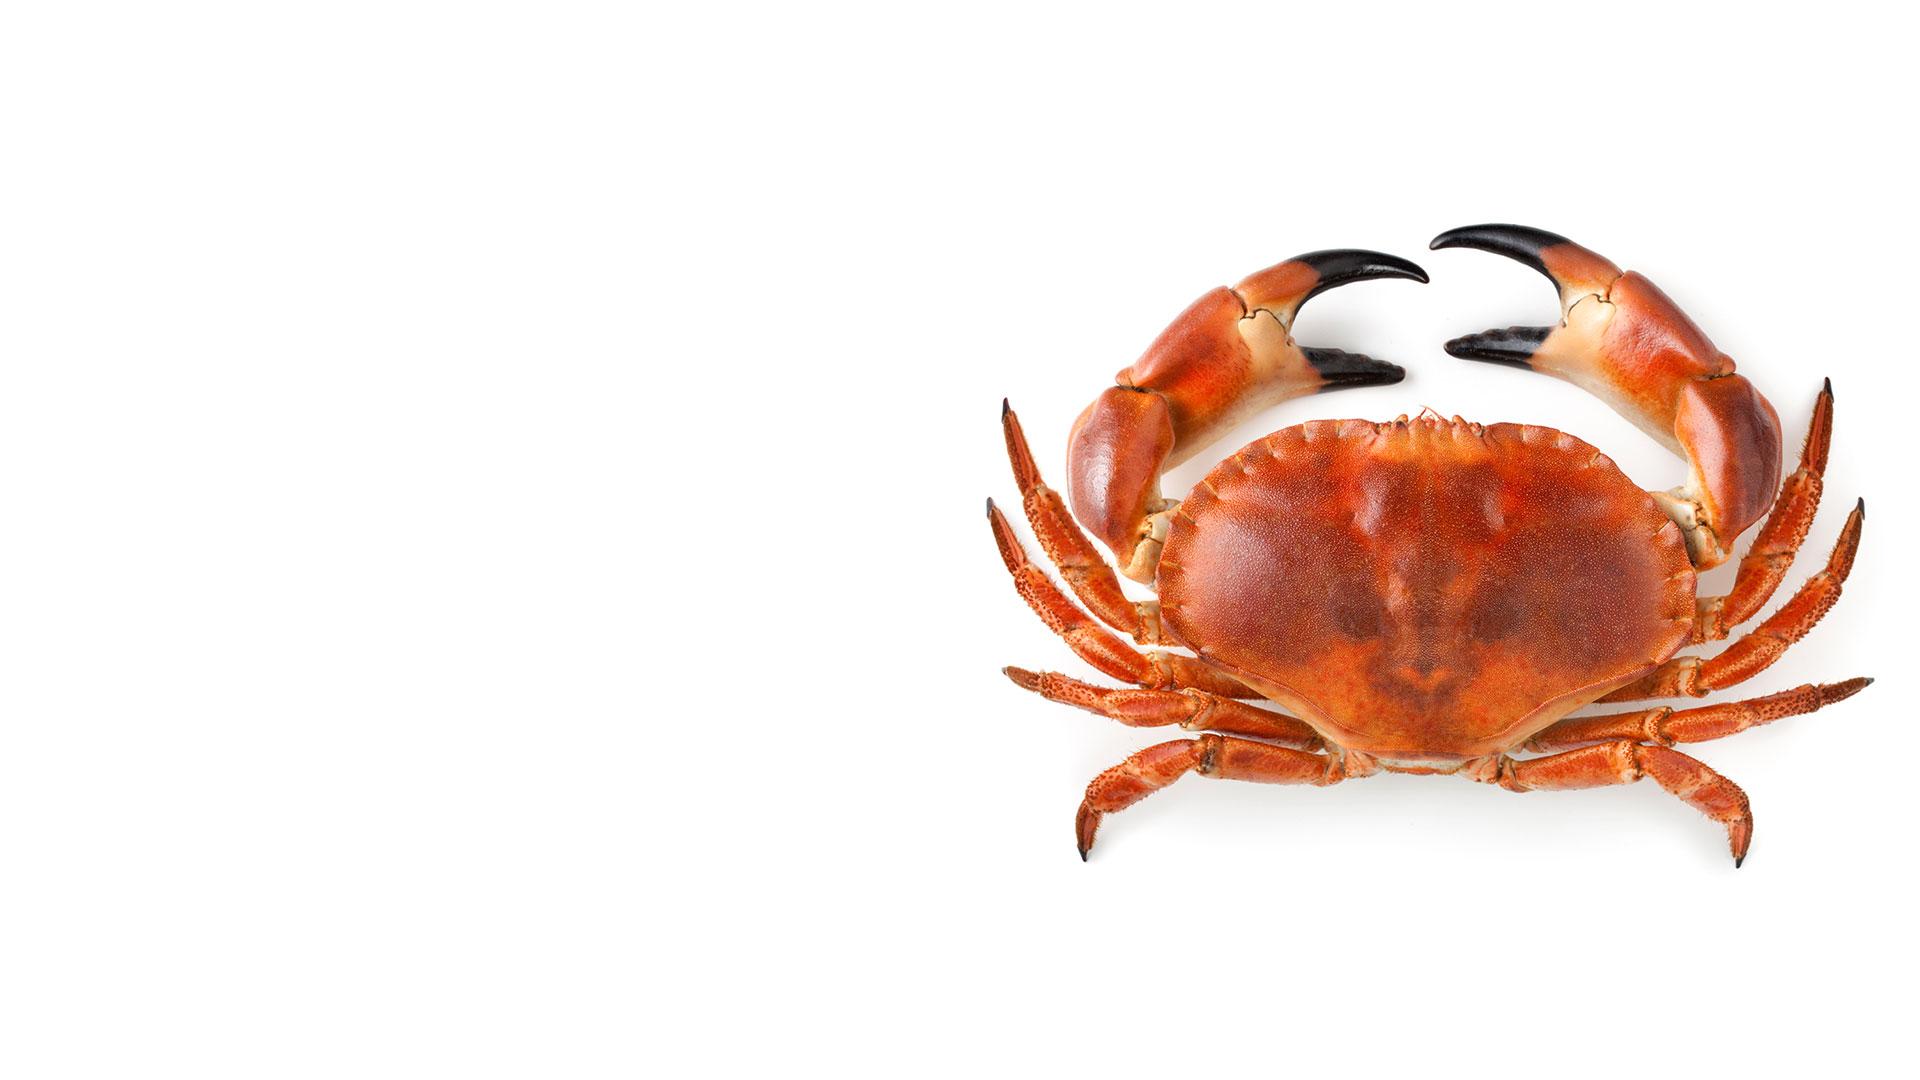 واژه سرطان علاوه بر یک صورت فلکی، معادل لاتین برای خرچنگ است.